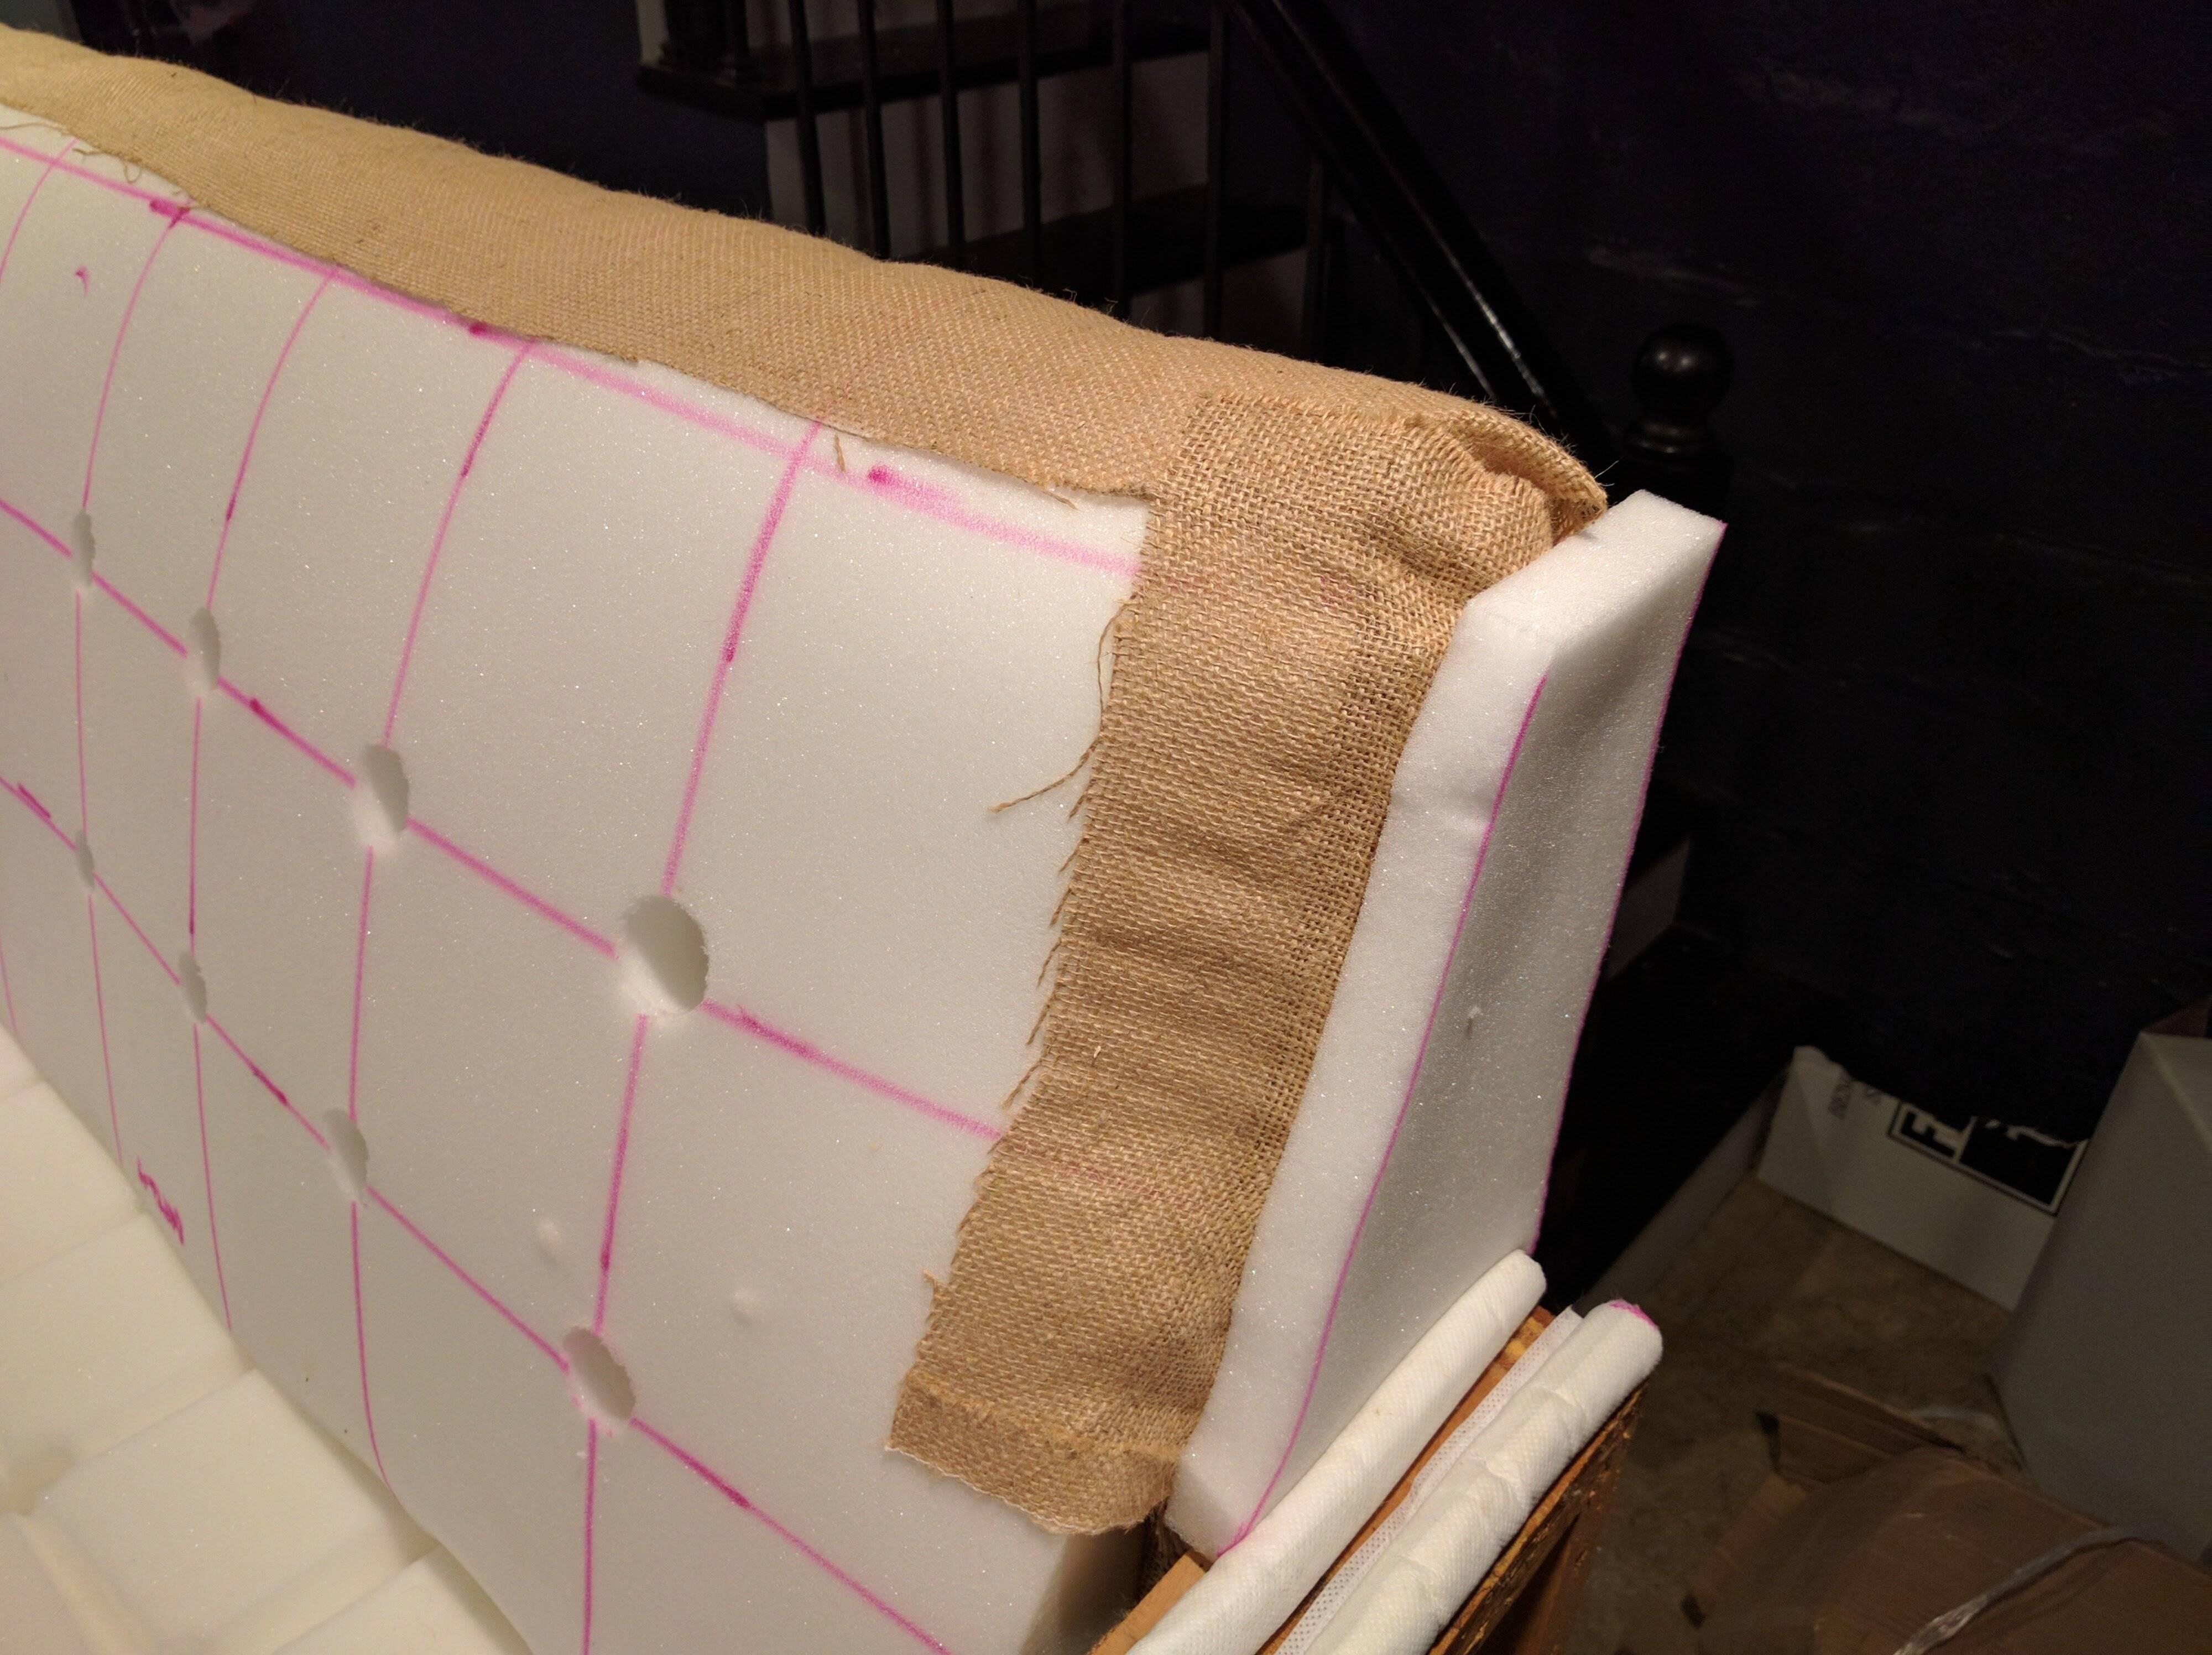 Диван своими руками (118 фото): как сделать в домашних условиях простой диван из паллет на балкон, реставрация старого дивана из дерева